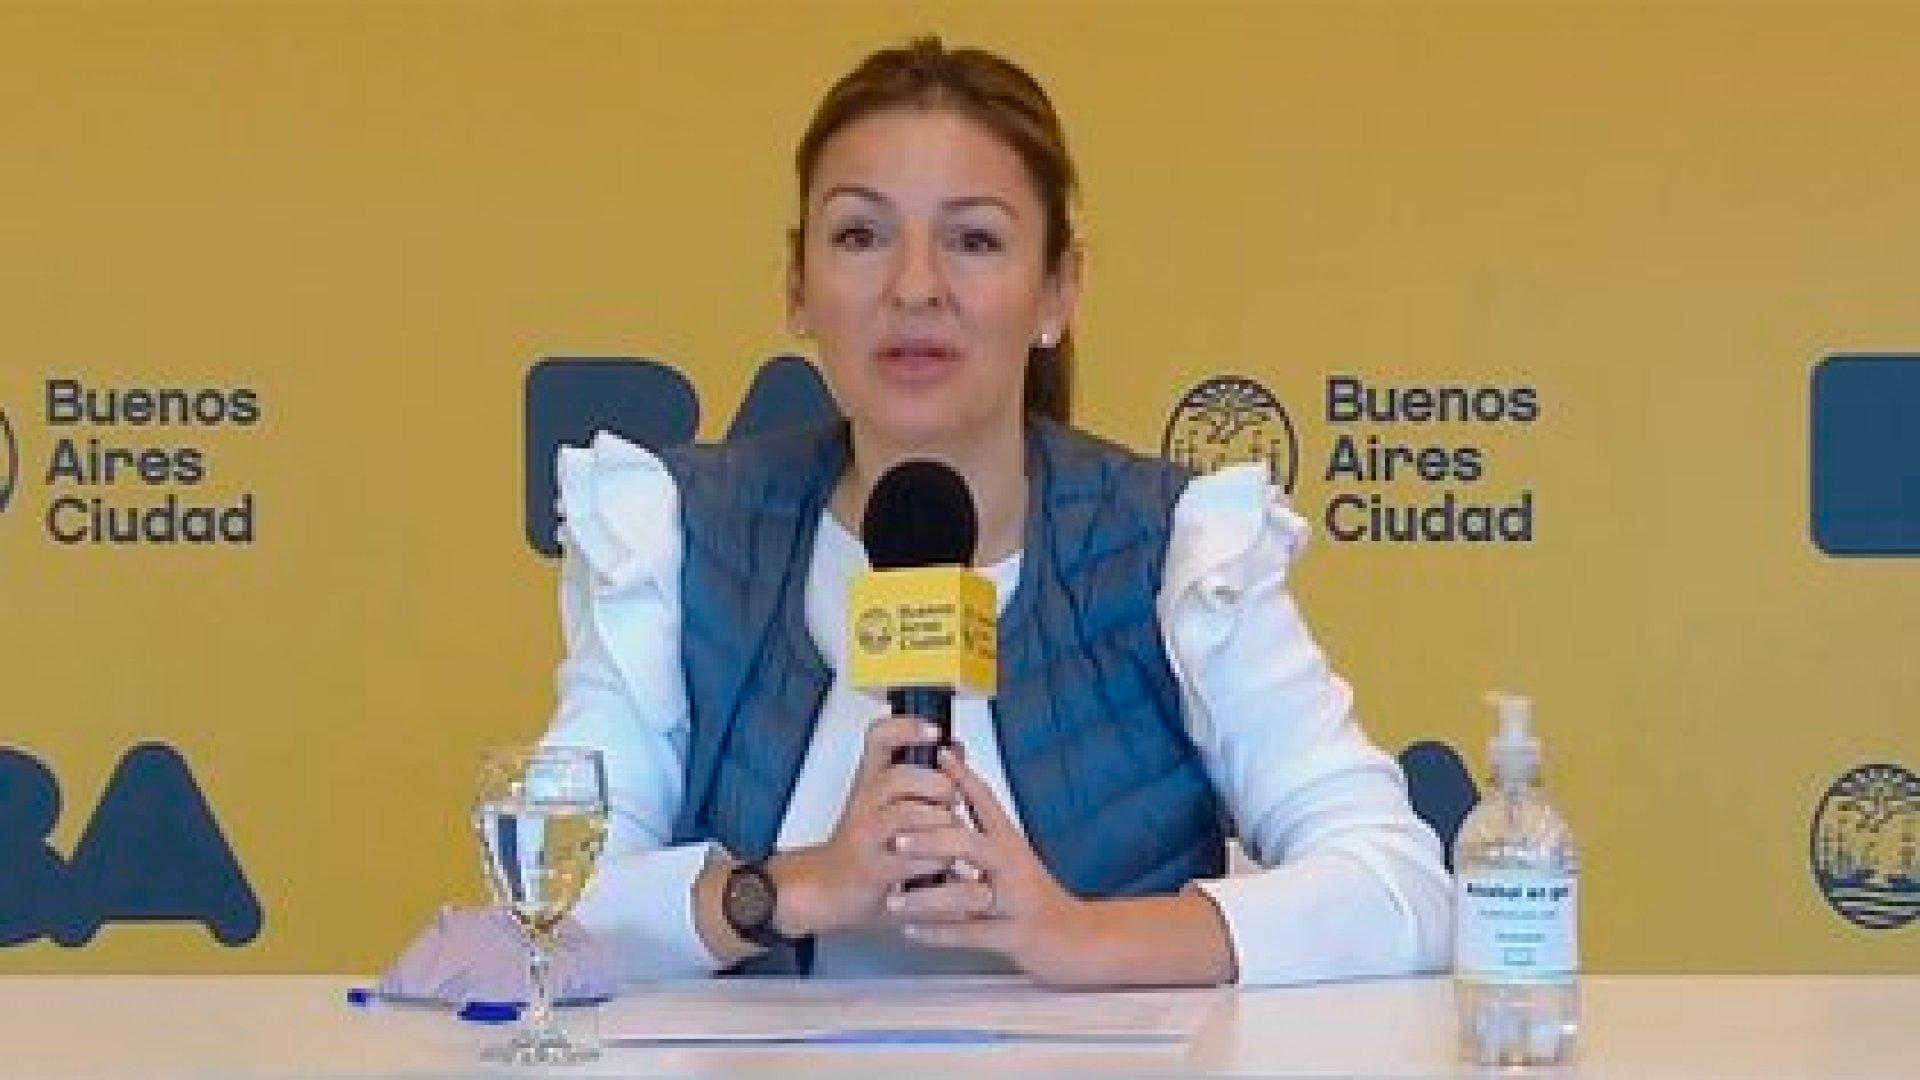 La ministra de Educación Soledad Acuña